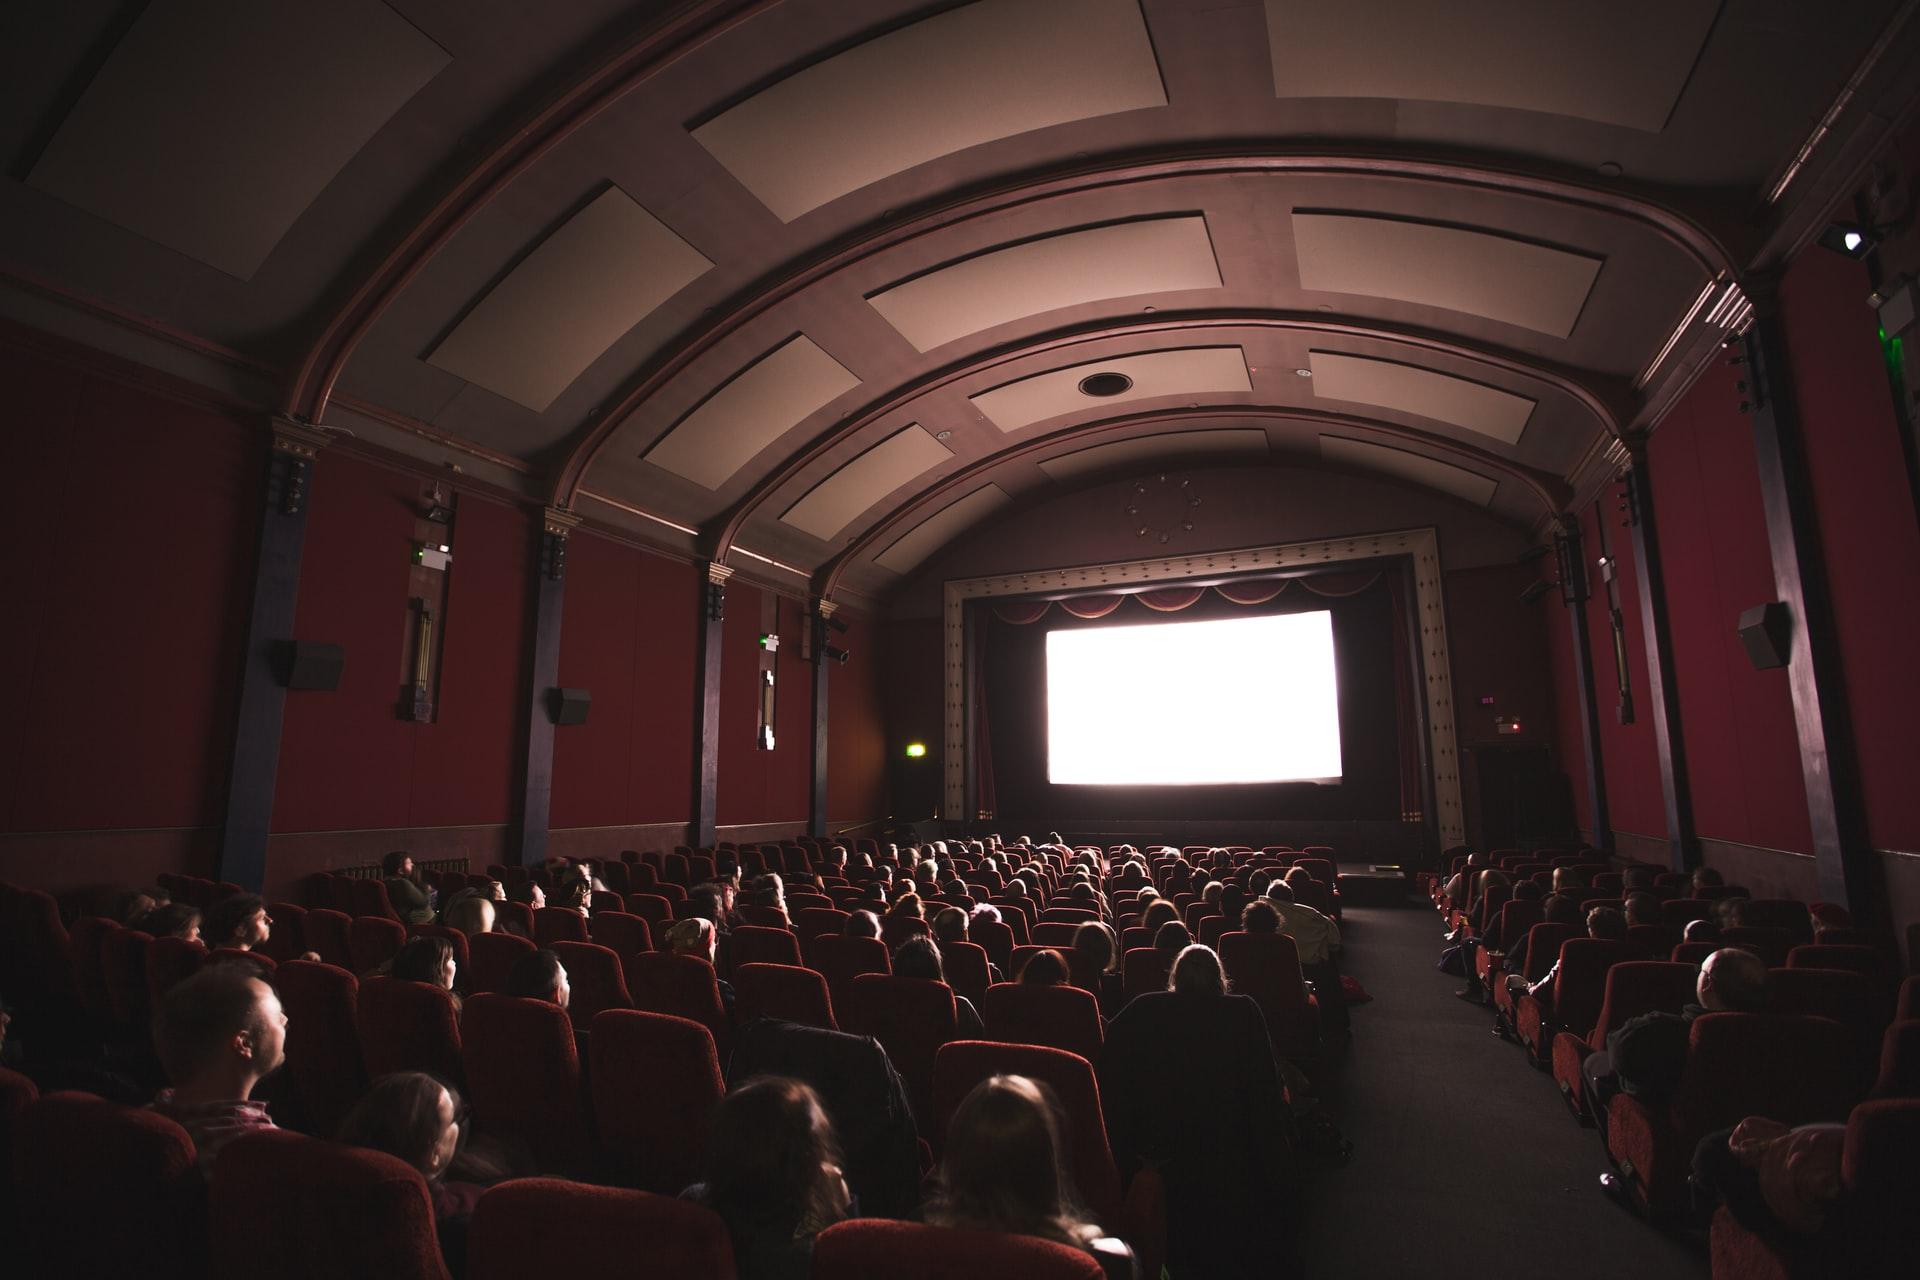 Ассоциация владельцев кинотеатров опубликовала обращение квластям из-за угрозы пандемии